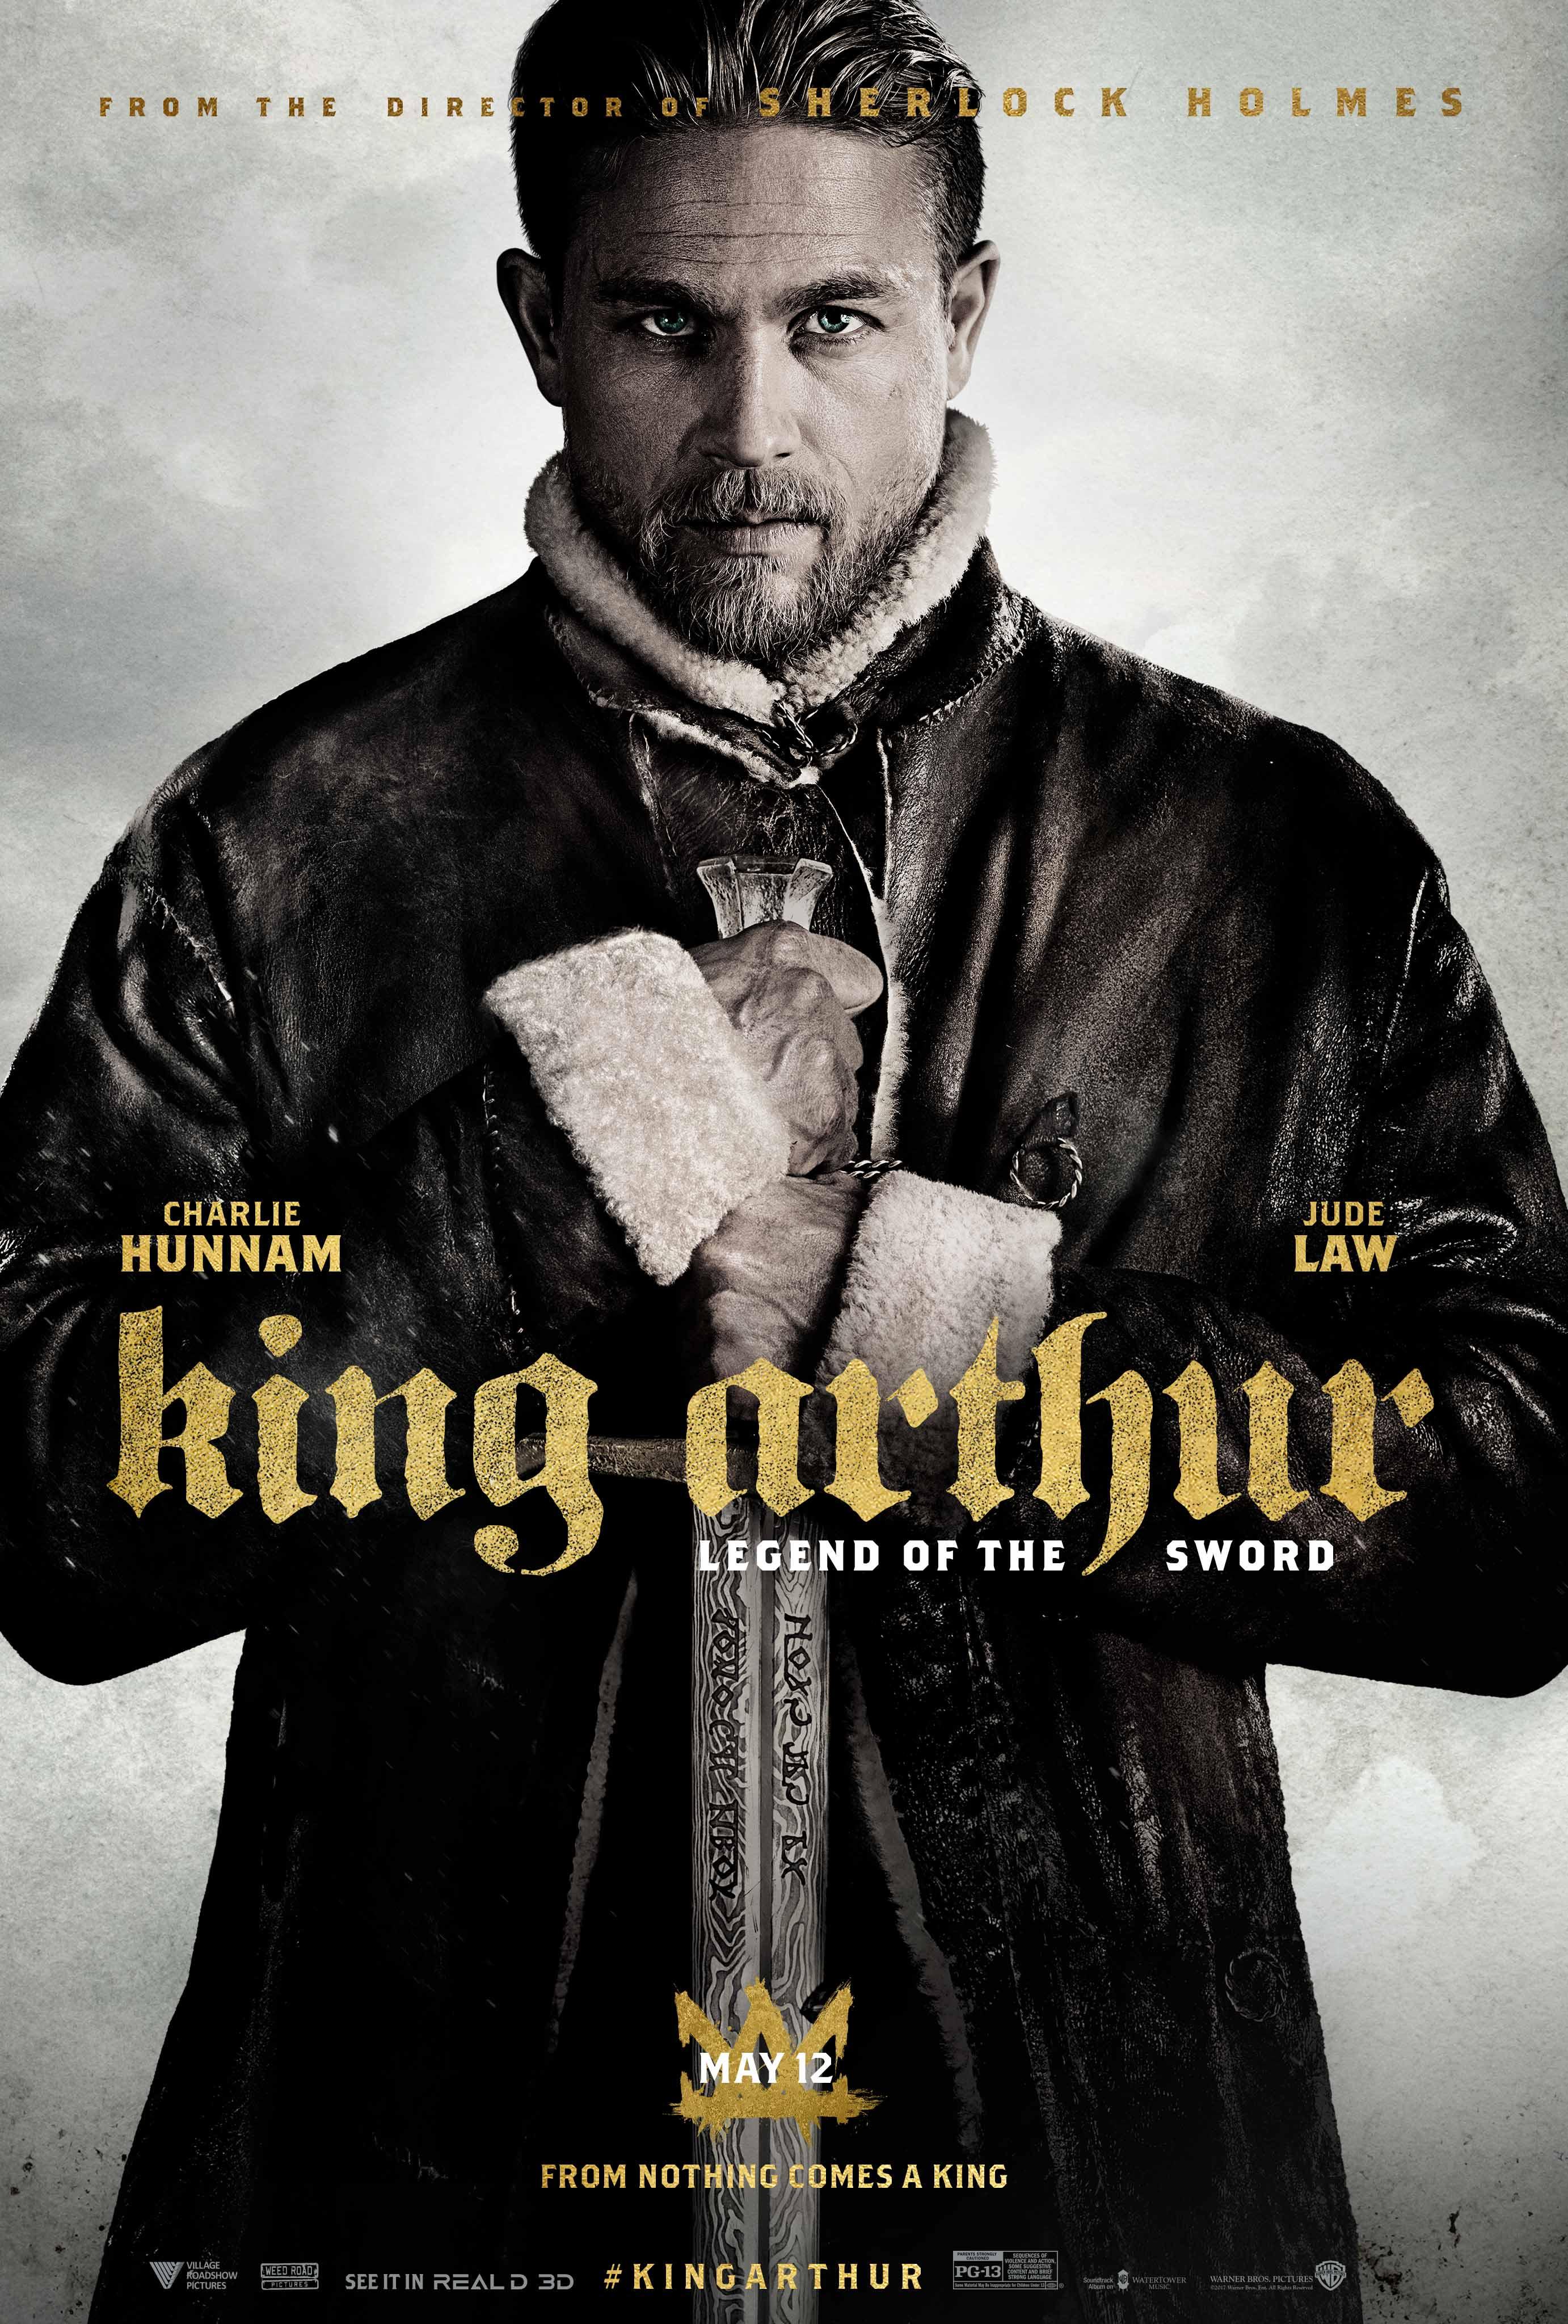 354-king_arthur_legend_of_the_sword.jpg